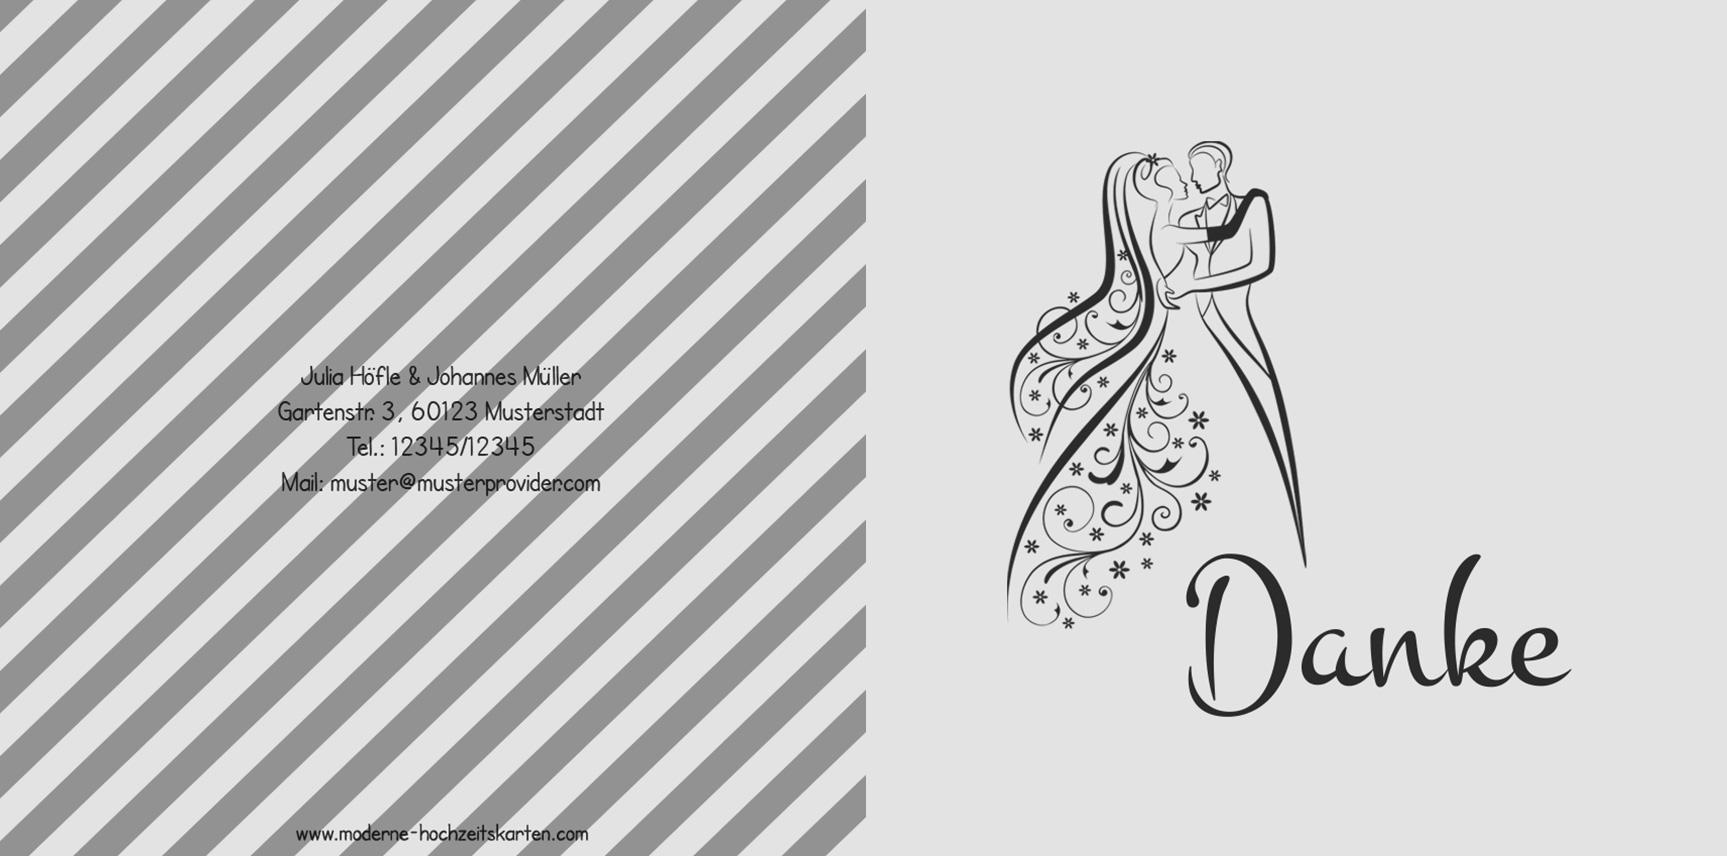 004_DKQ_editor-ar